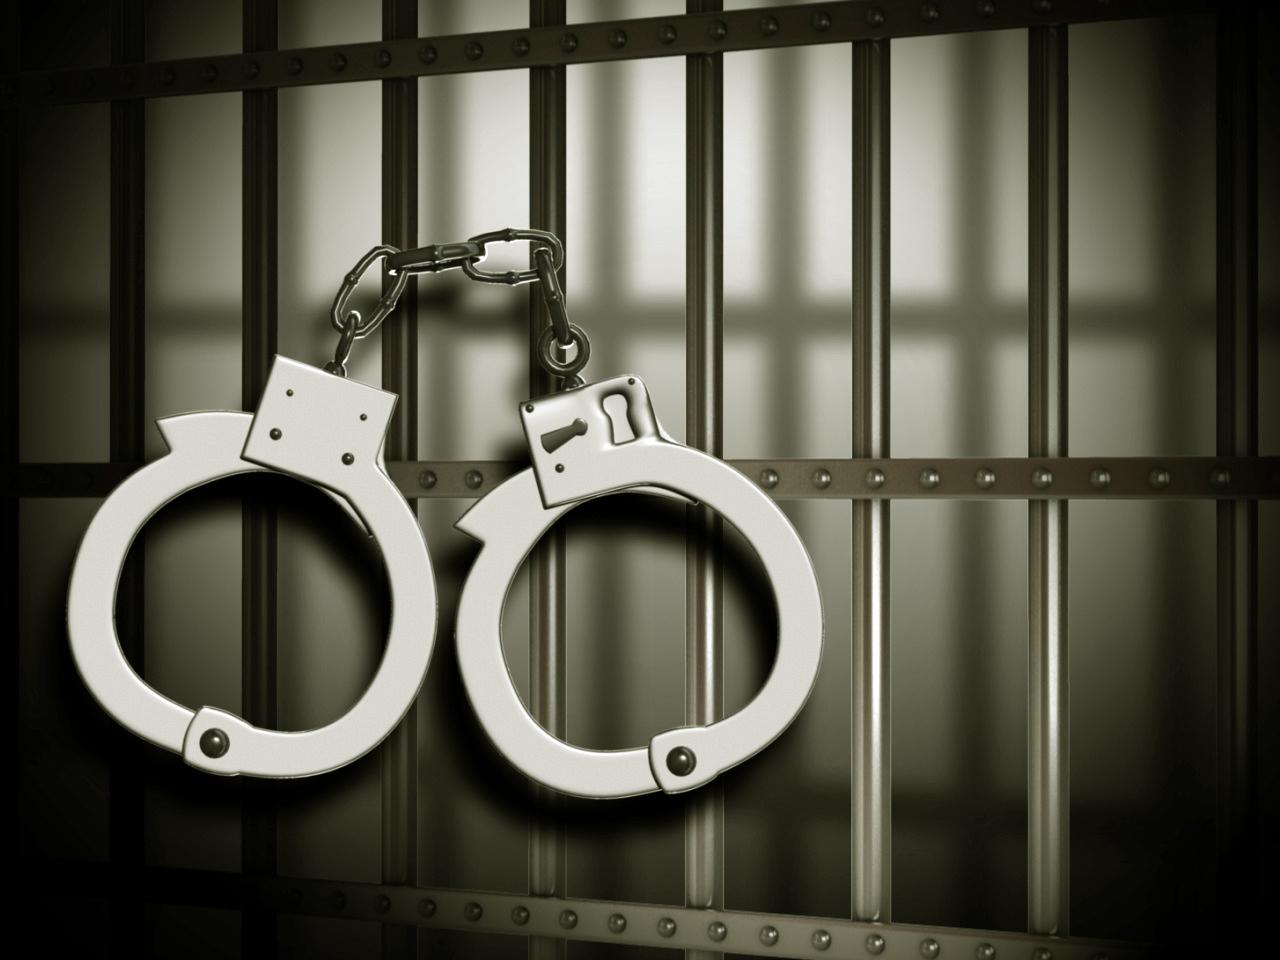 arrest jail cuffs_1560981287508.jpg.jpg